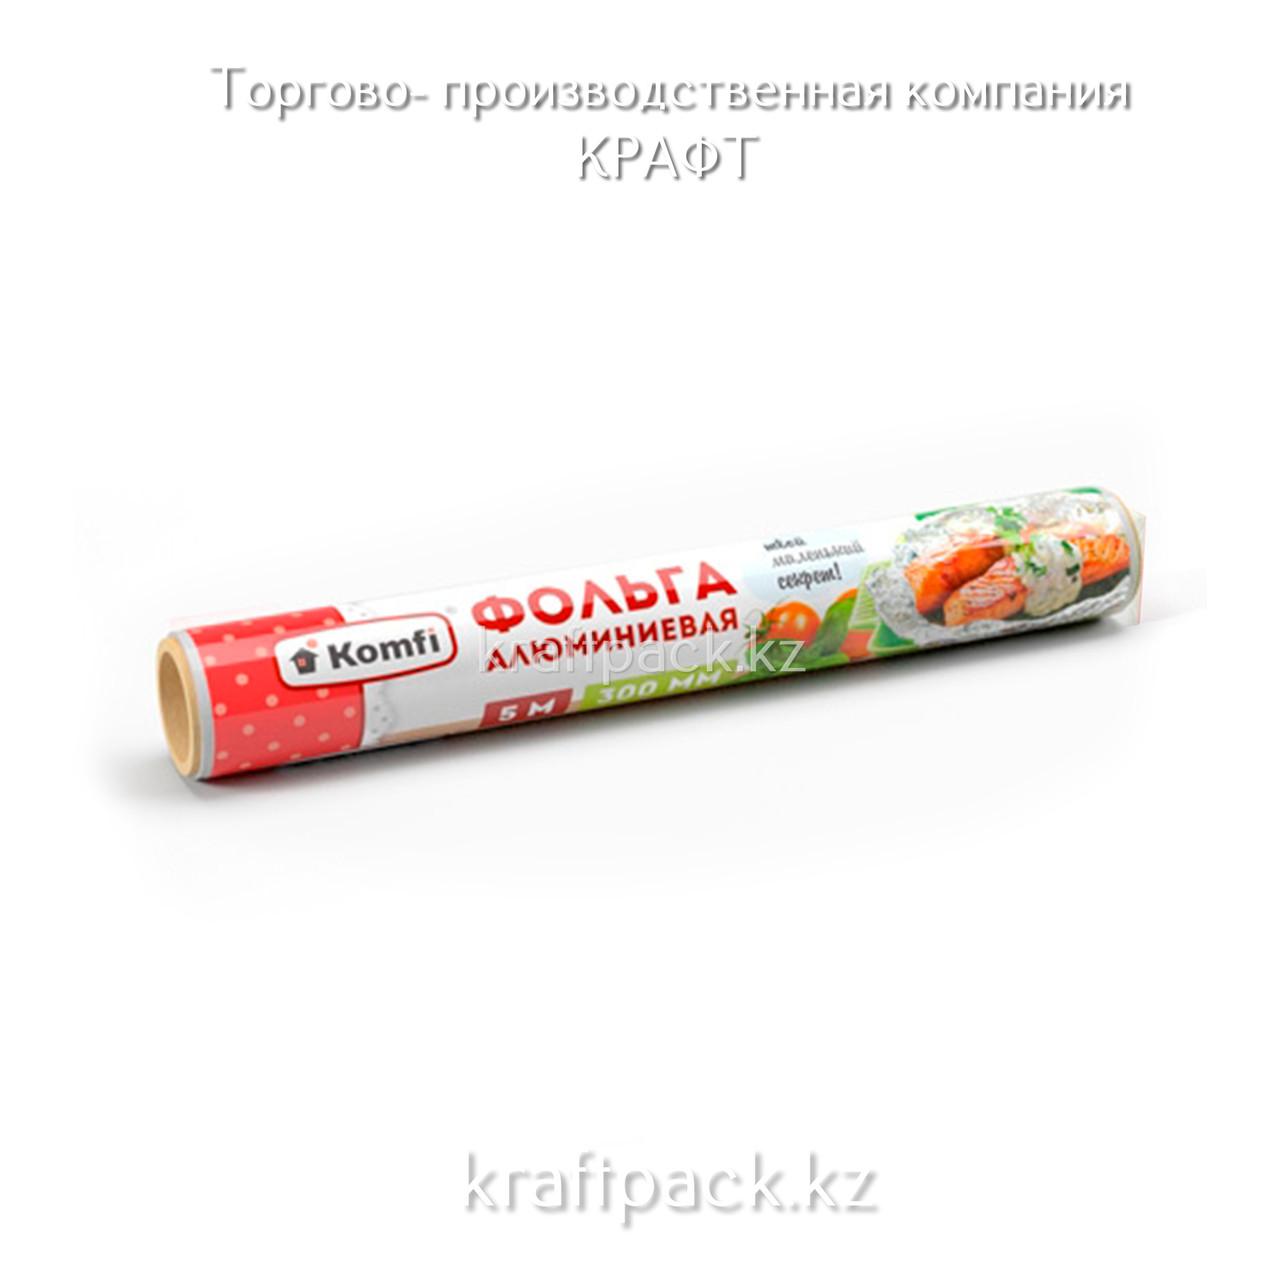 Фольга, рулон 300мм х 10м (10мкр)